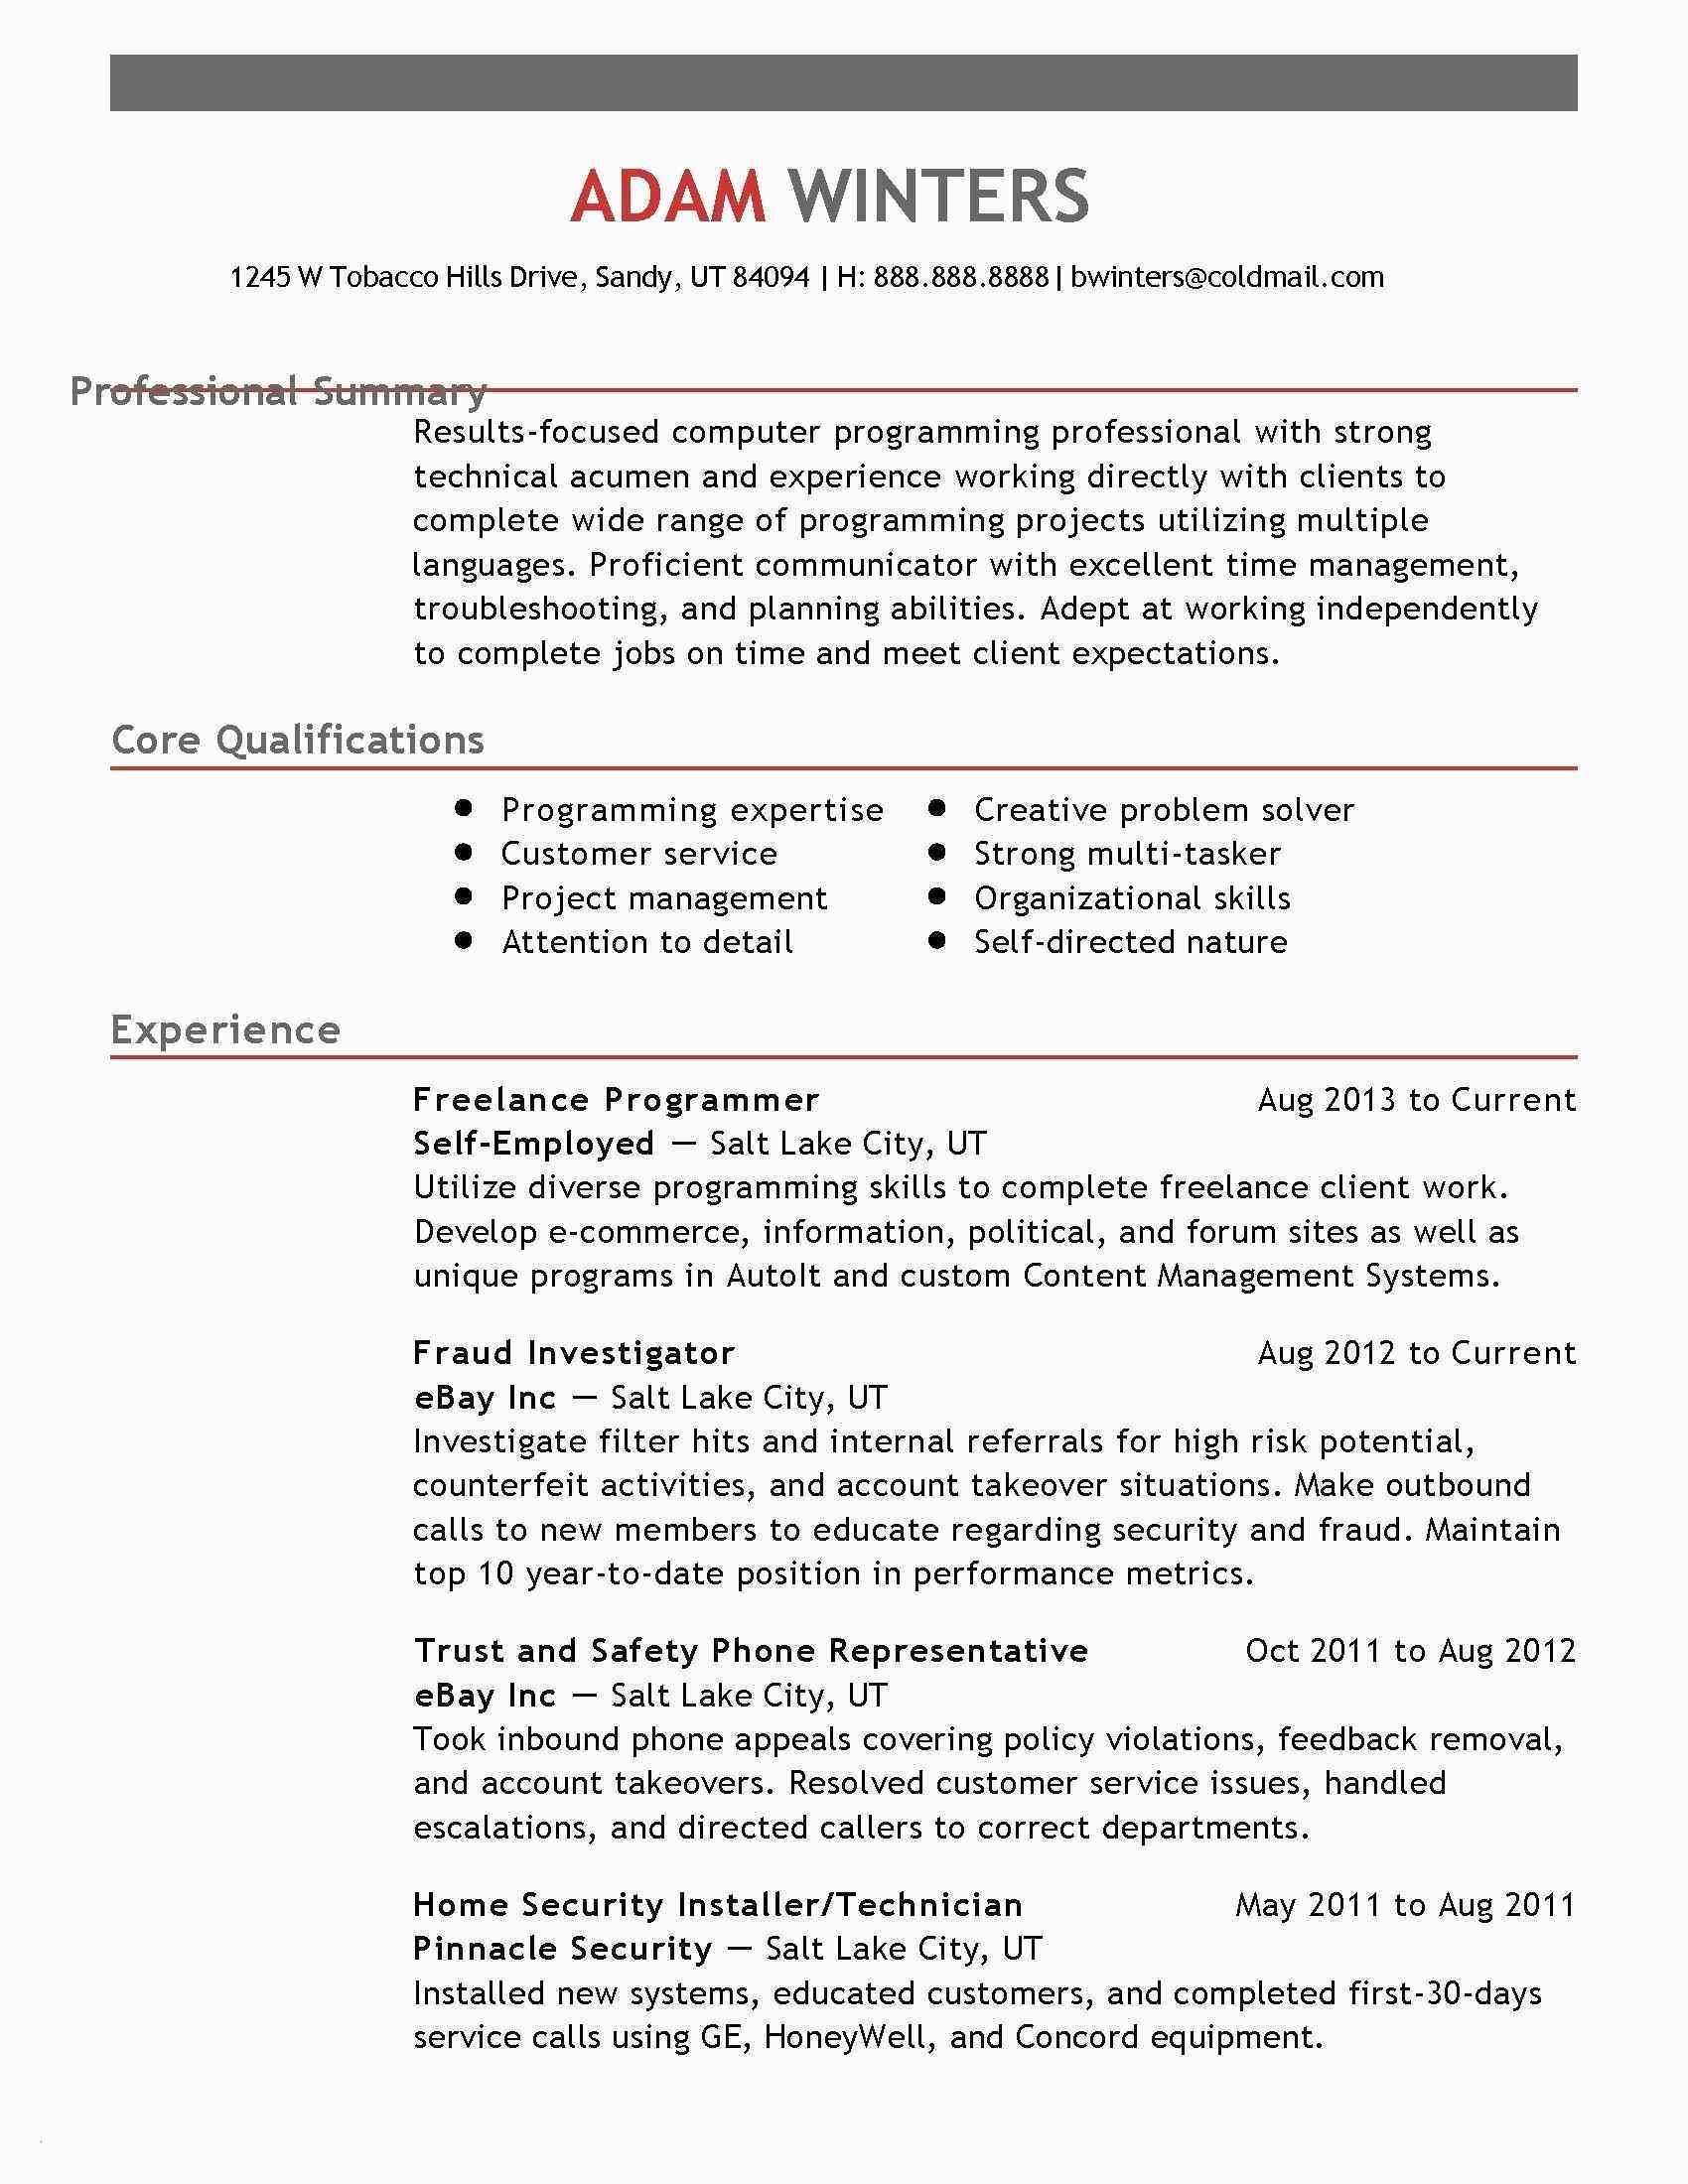 Job Application Resume Format For Pharmacist Freshers Best